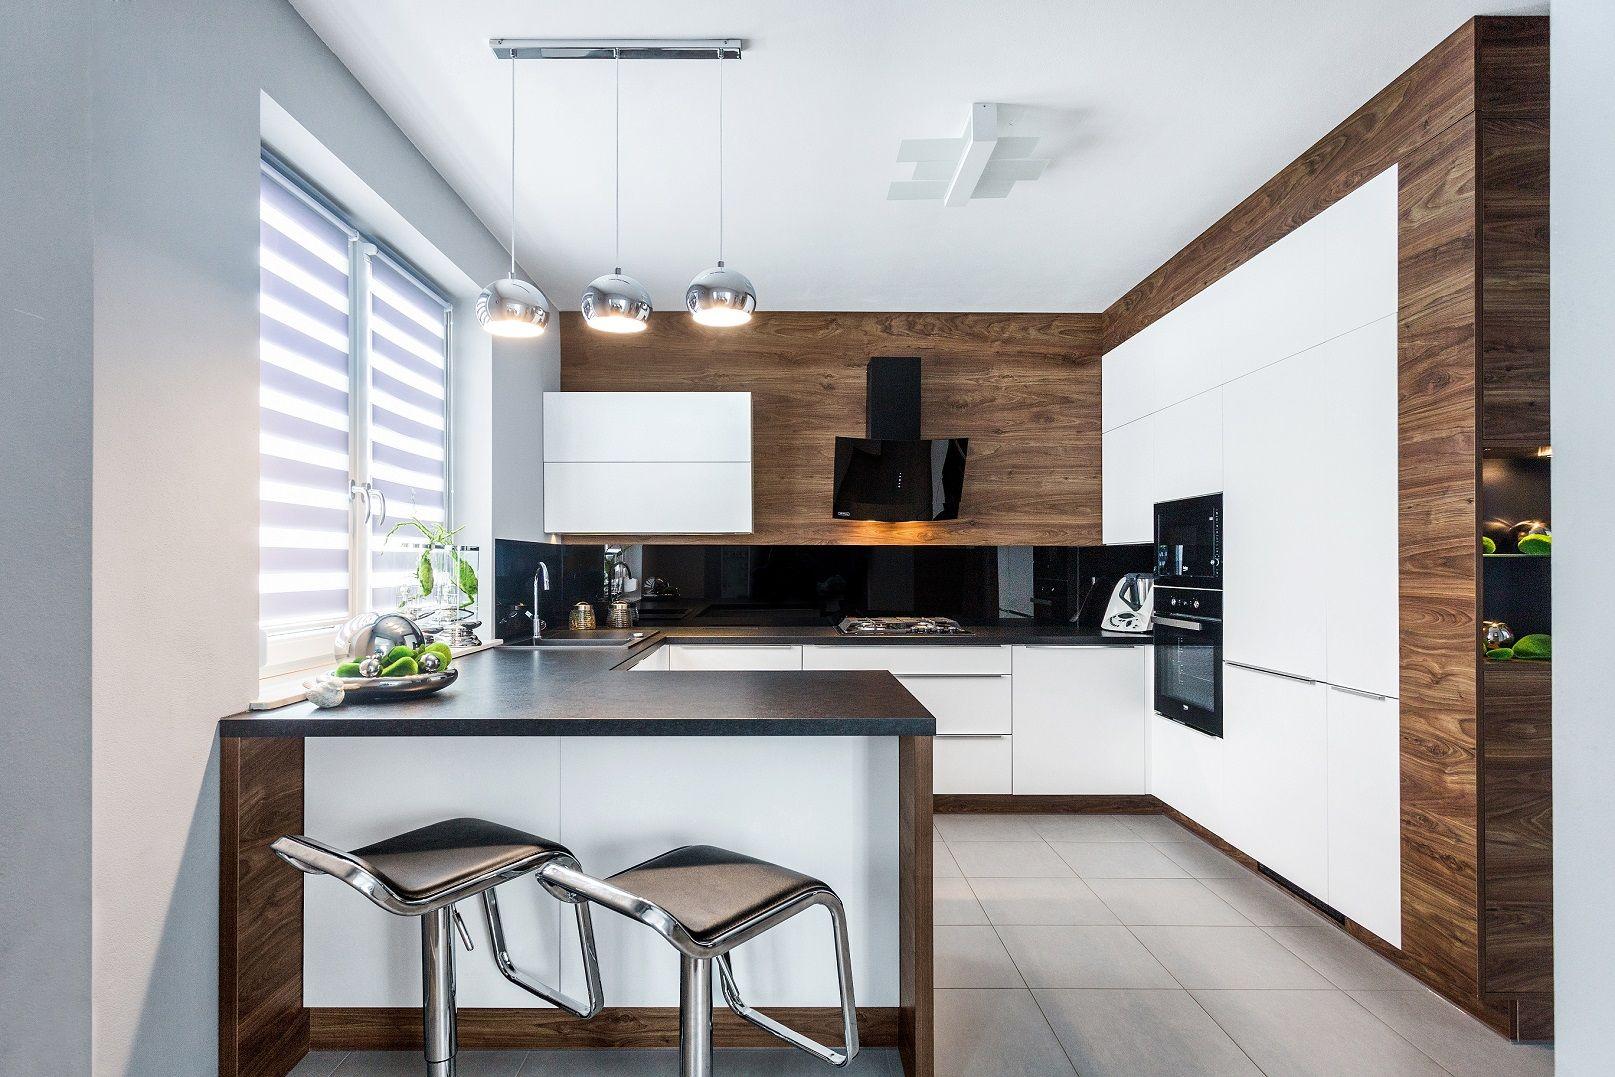 Boisz Sie Sterylnej Bieli W Kuchni Przelam Ja Cieplym Odcieniem Drewna Kuchn Kitchen Interior Design Modern Luxury Kitchen Modern Kitchen Inspiration Design